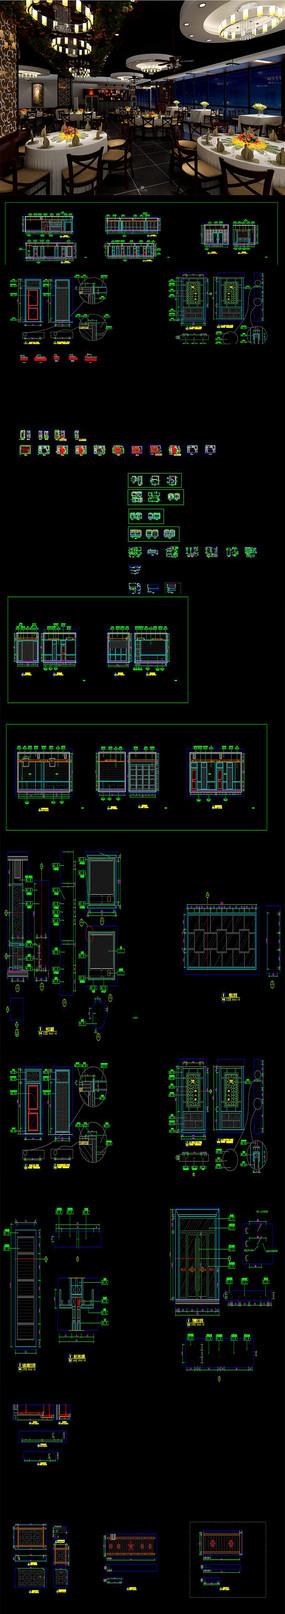 中式火锅店CAD施工图